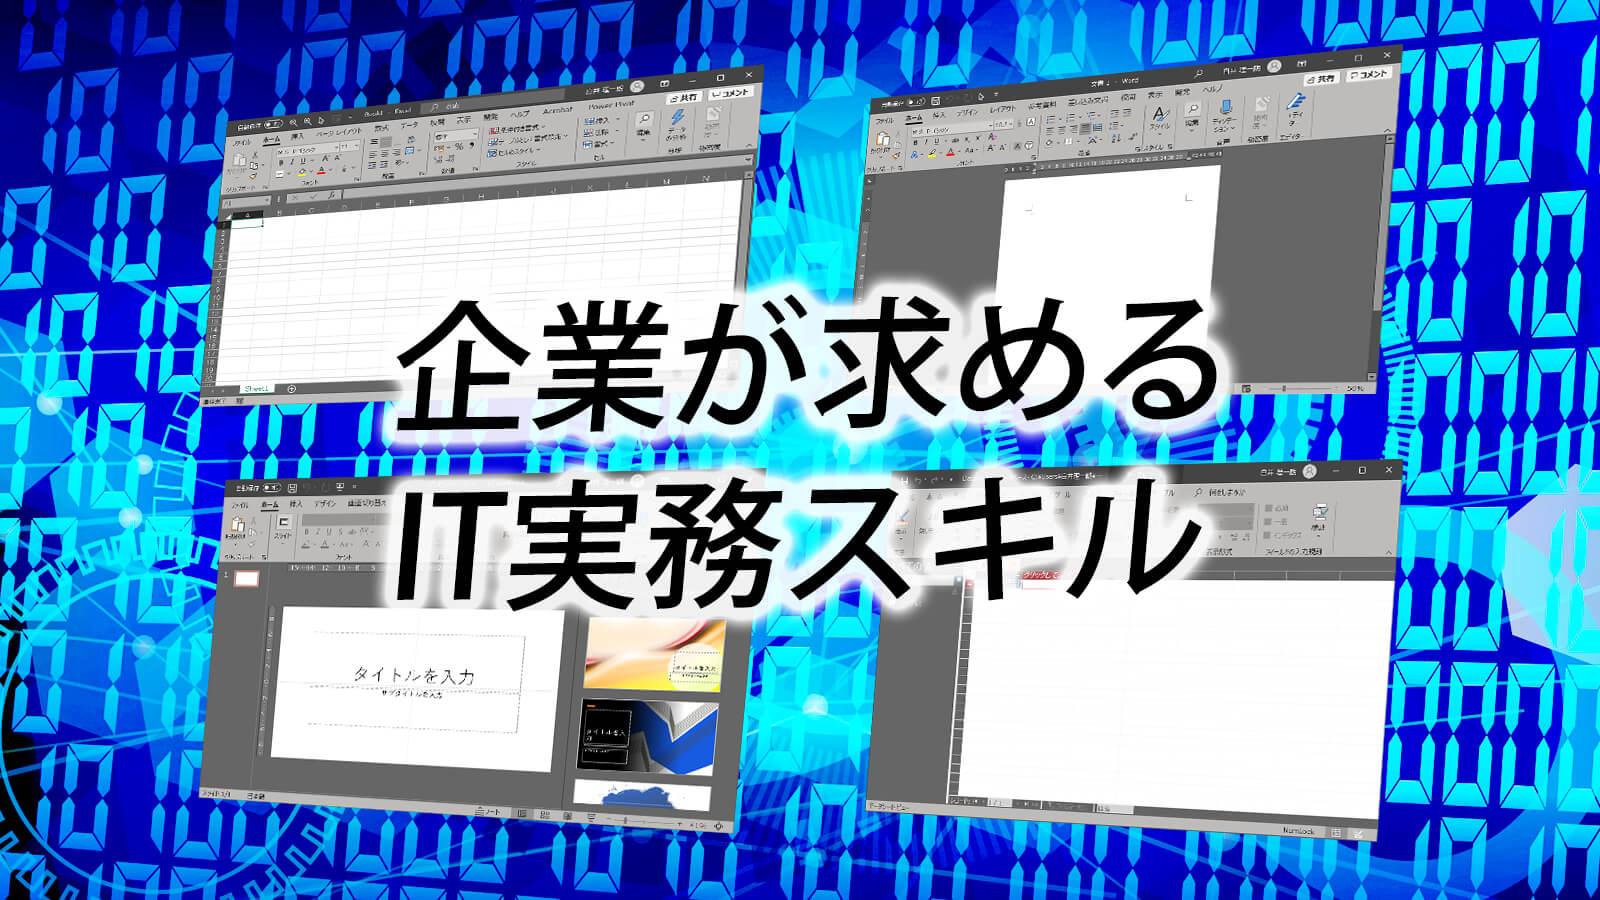 フォーム竹ノ塚で学習できるIT実務スキル概要画像